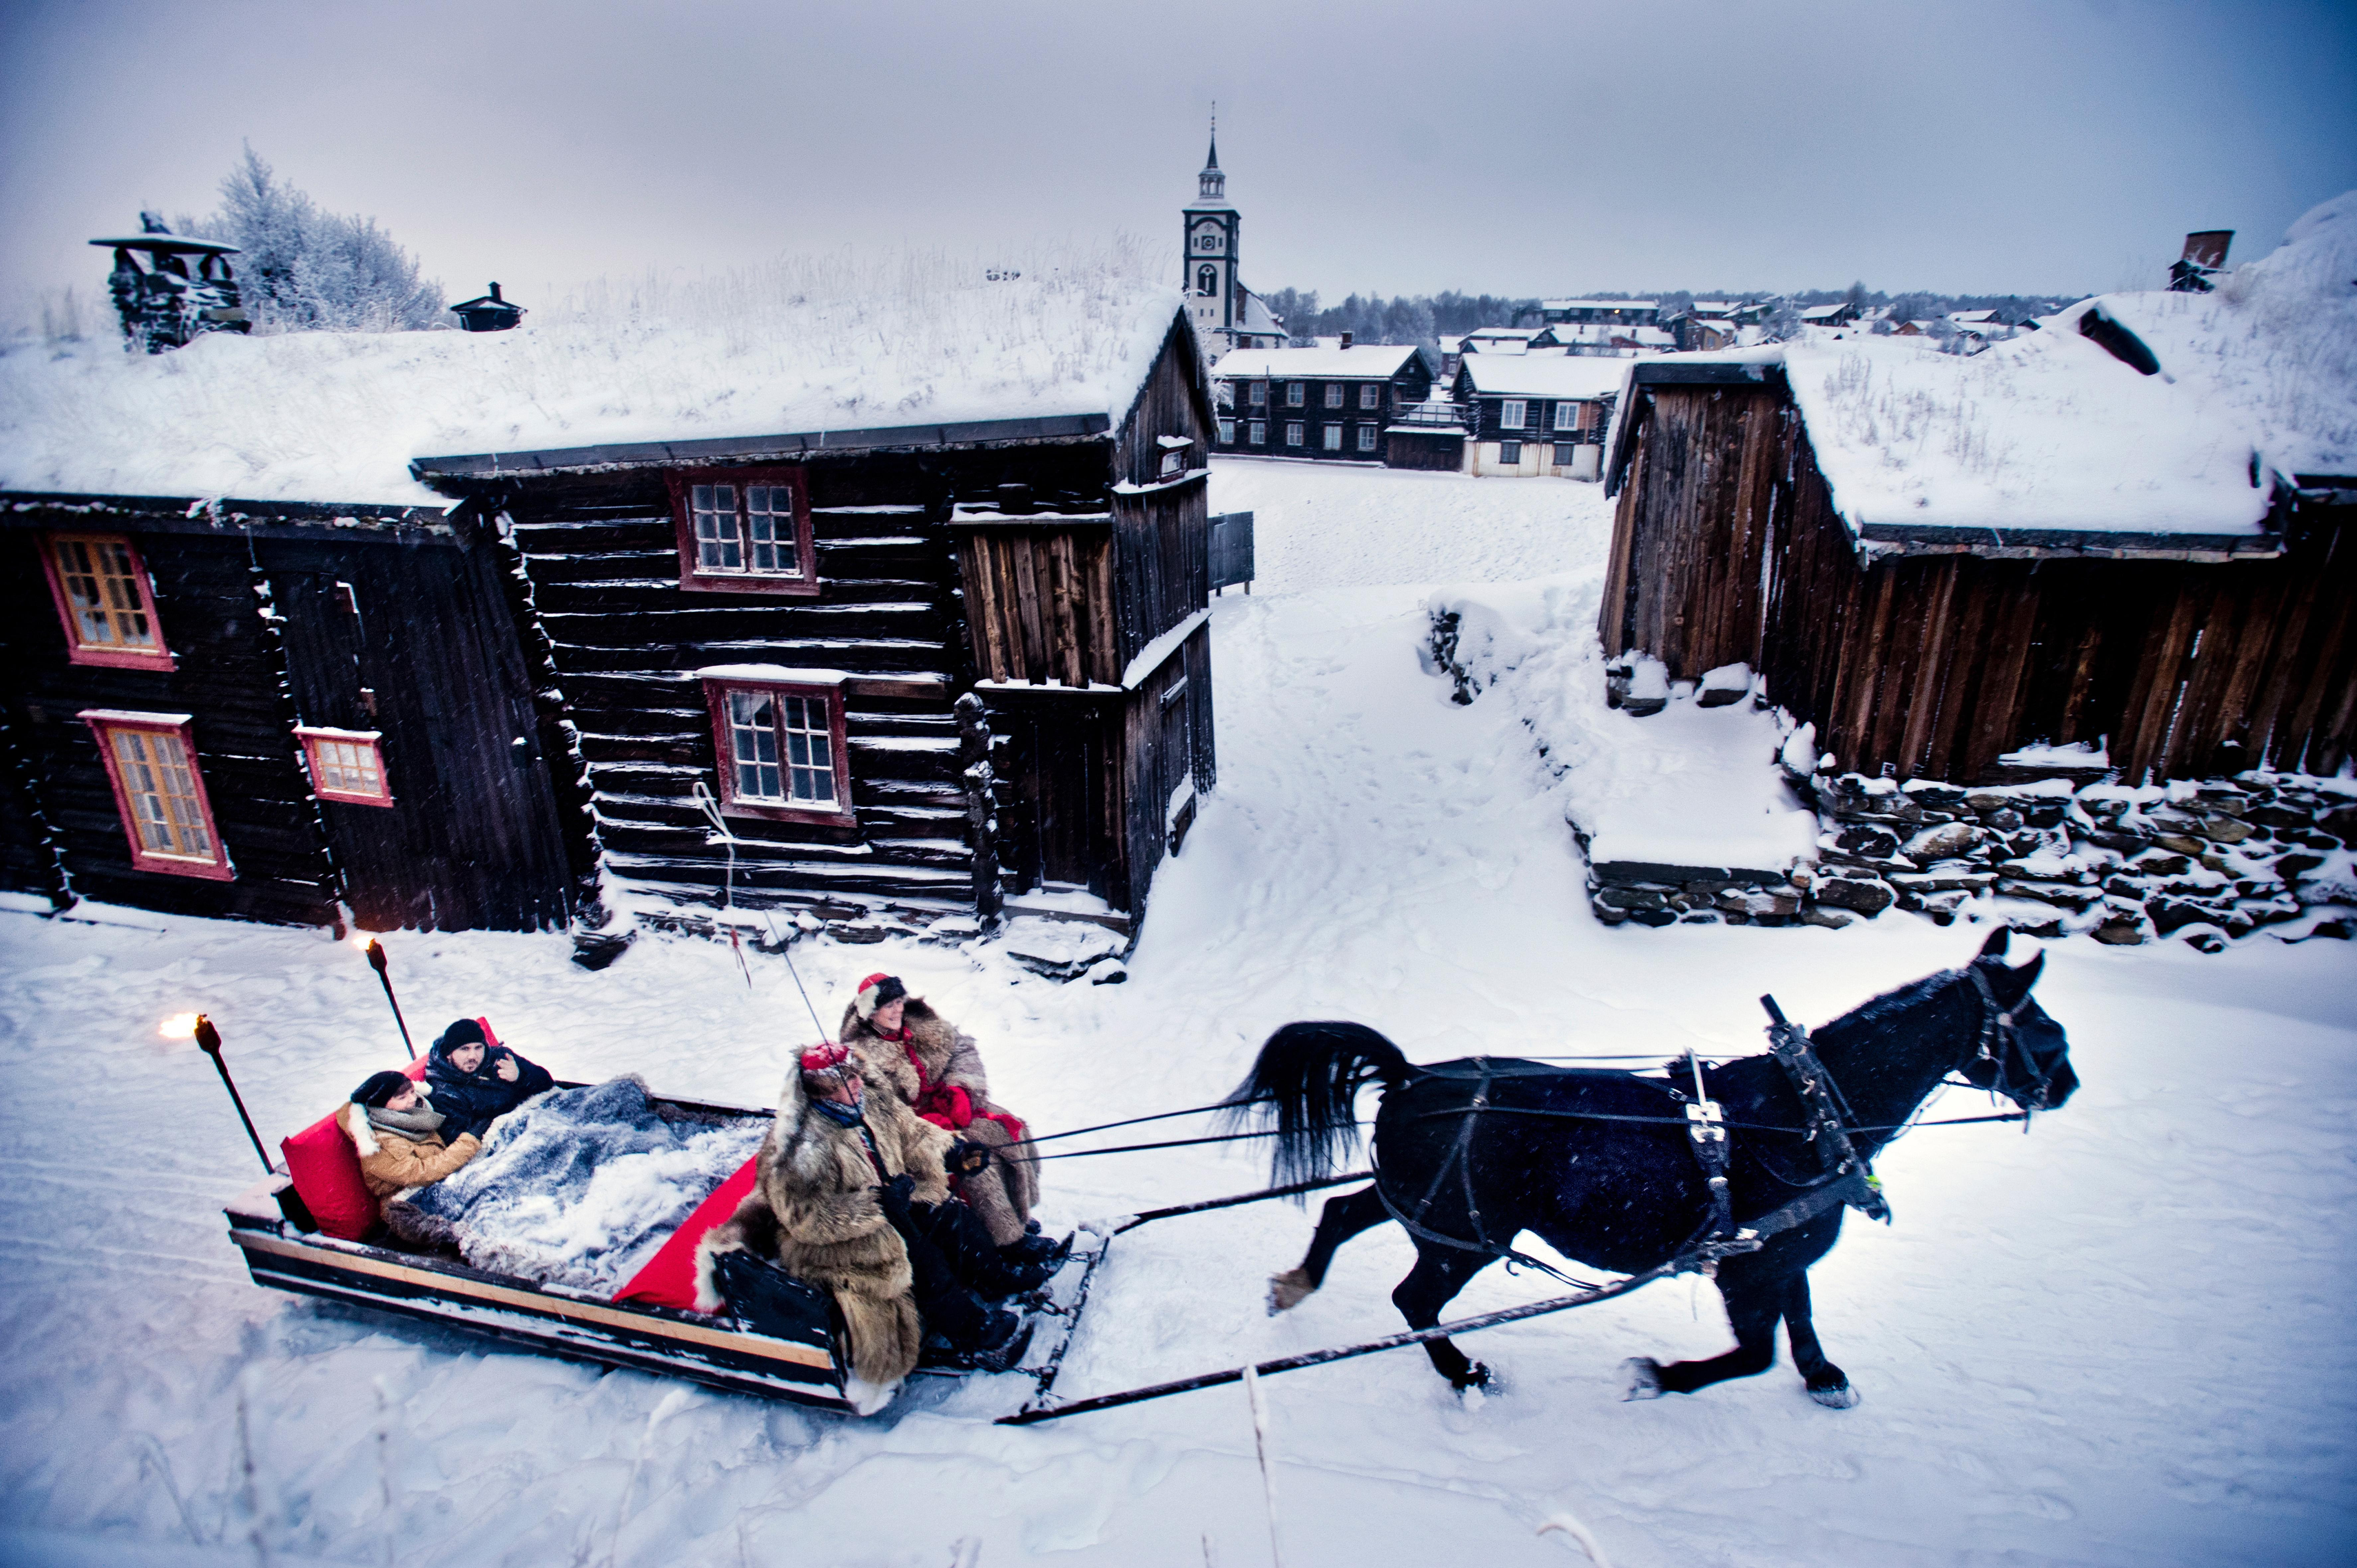 Vinter Røros. Foto: Thomas Rasmus Juell skaug / Dagbladet